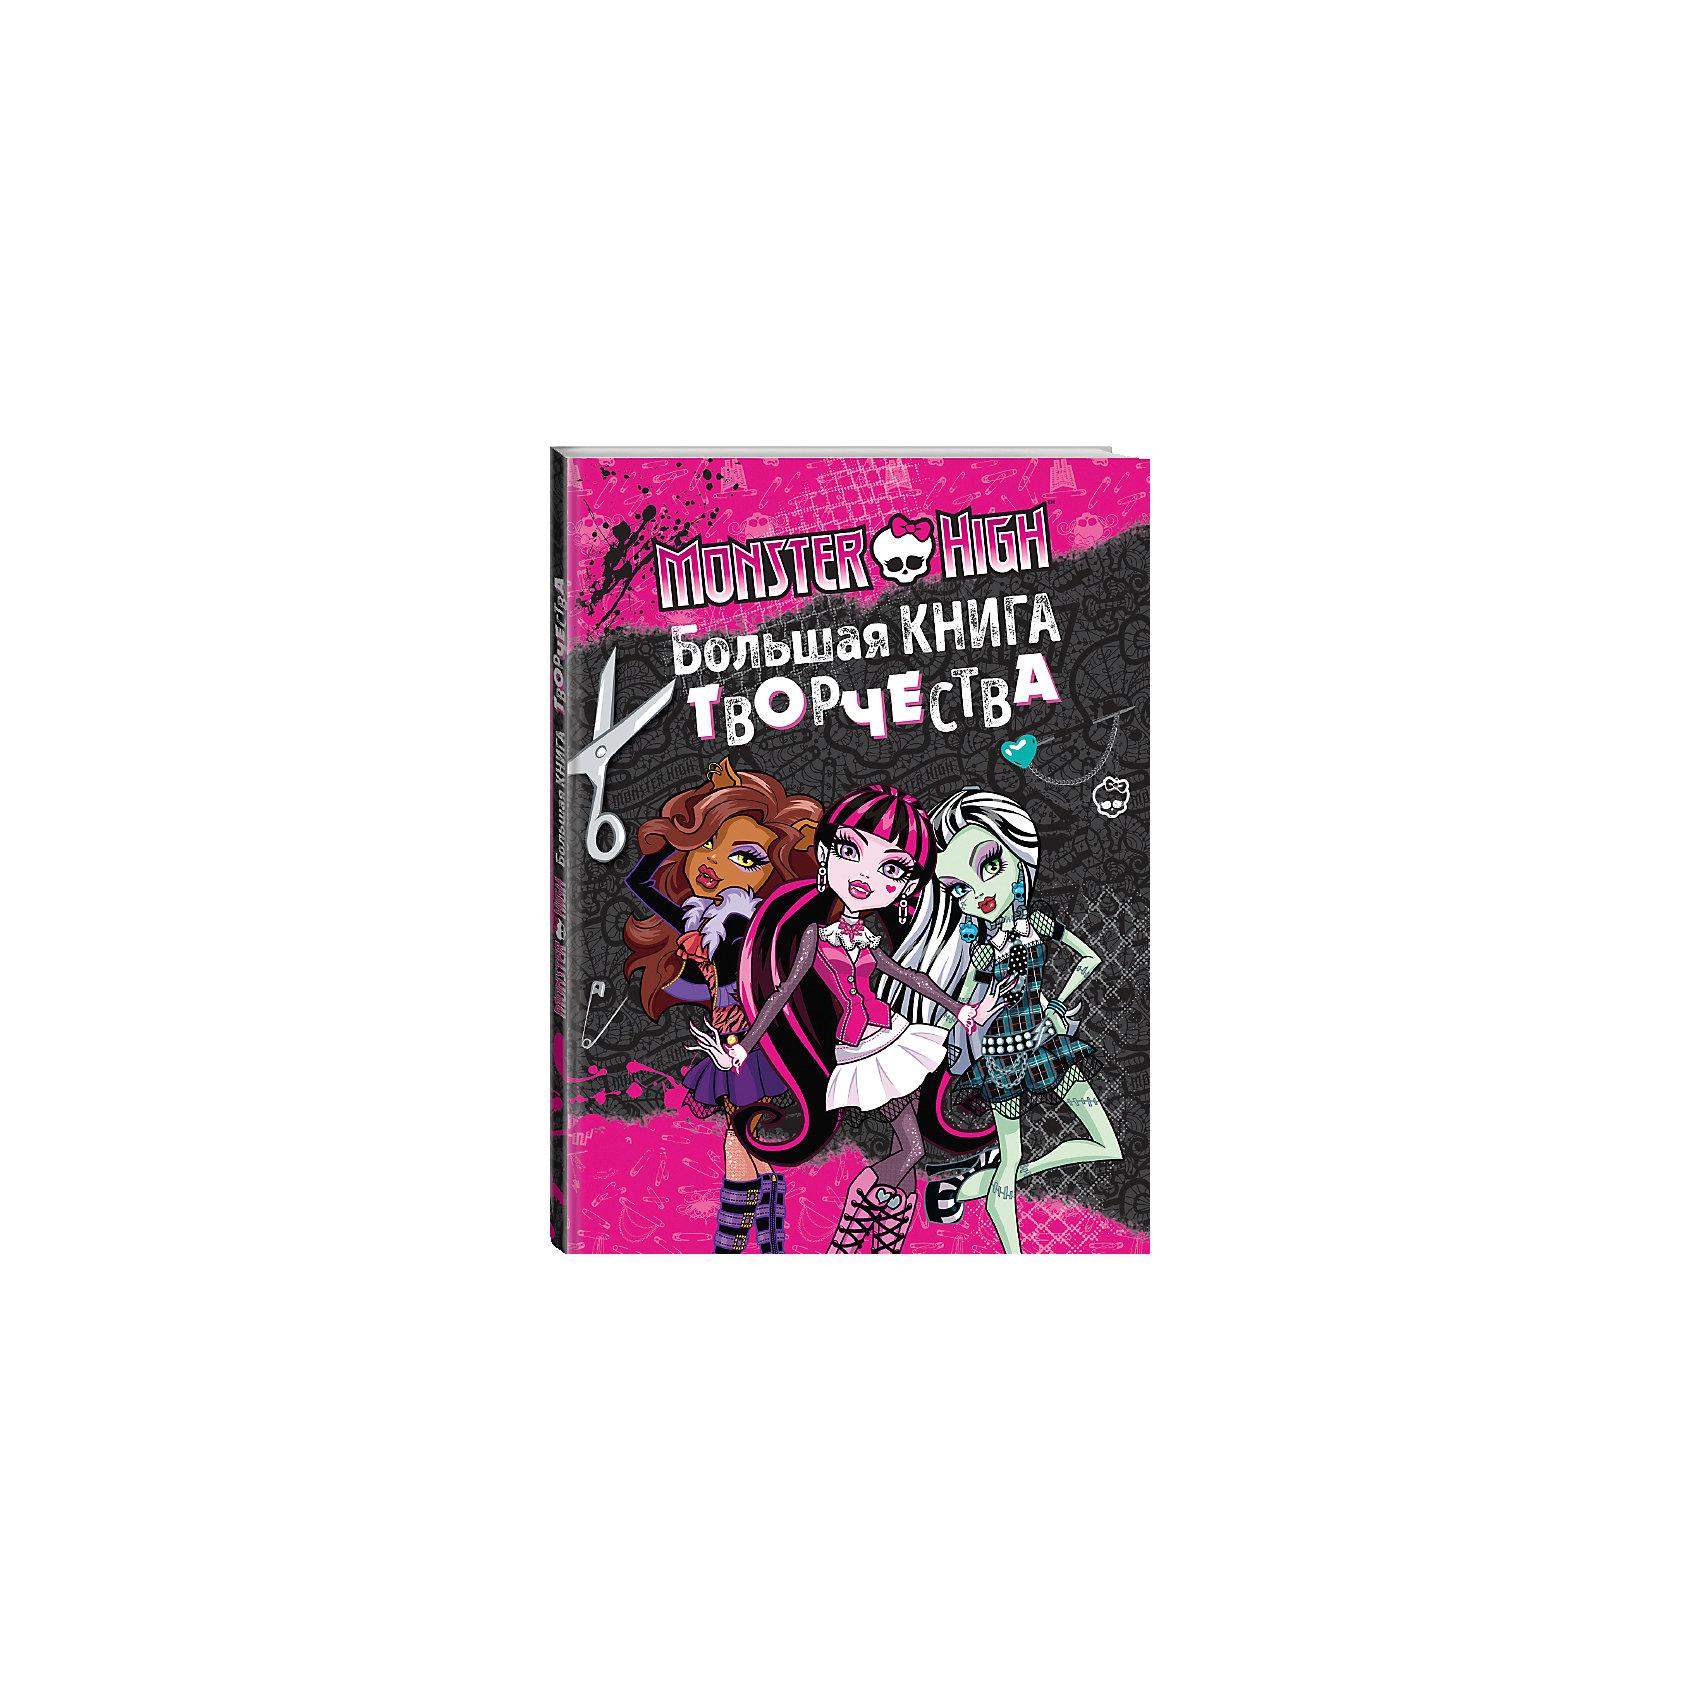 Большая книга творчества, Monster HighЭксмо<br>Любимые герои Monster High снова с нами! На этот раз в творческих заданиях для рисования, креативных модных решениях, сногсшибательных поделках и убийственно простых рецептах любимых блюд! Все для девочки, которая хочет и может творить во всех сферах – от кулинарии до плетения из резиночек, и от рисования до изготовления простых, но очень эффектных сумочек, пеналов и косметичек.<br><br>Ширина мм: 280<br>Глубина мм: 210<br>Высота мм: 100<br>Вес г: 517<br>Возраст от месяцев: 72<br>Возраст до месяцев: 168<br>Пол: Унисекс<br>Возраст: Детский<br>SKU: 5535198